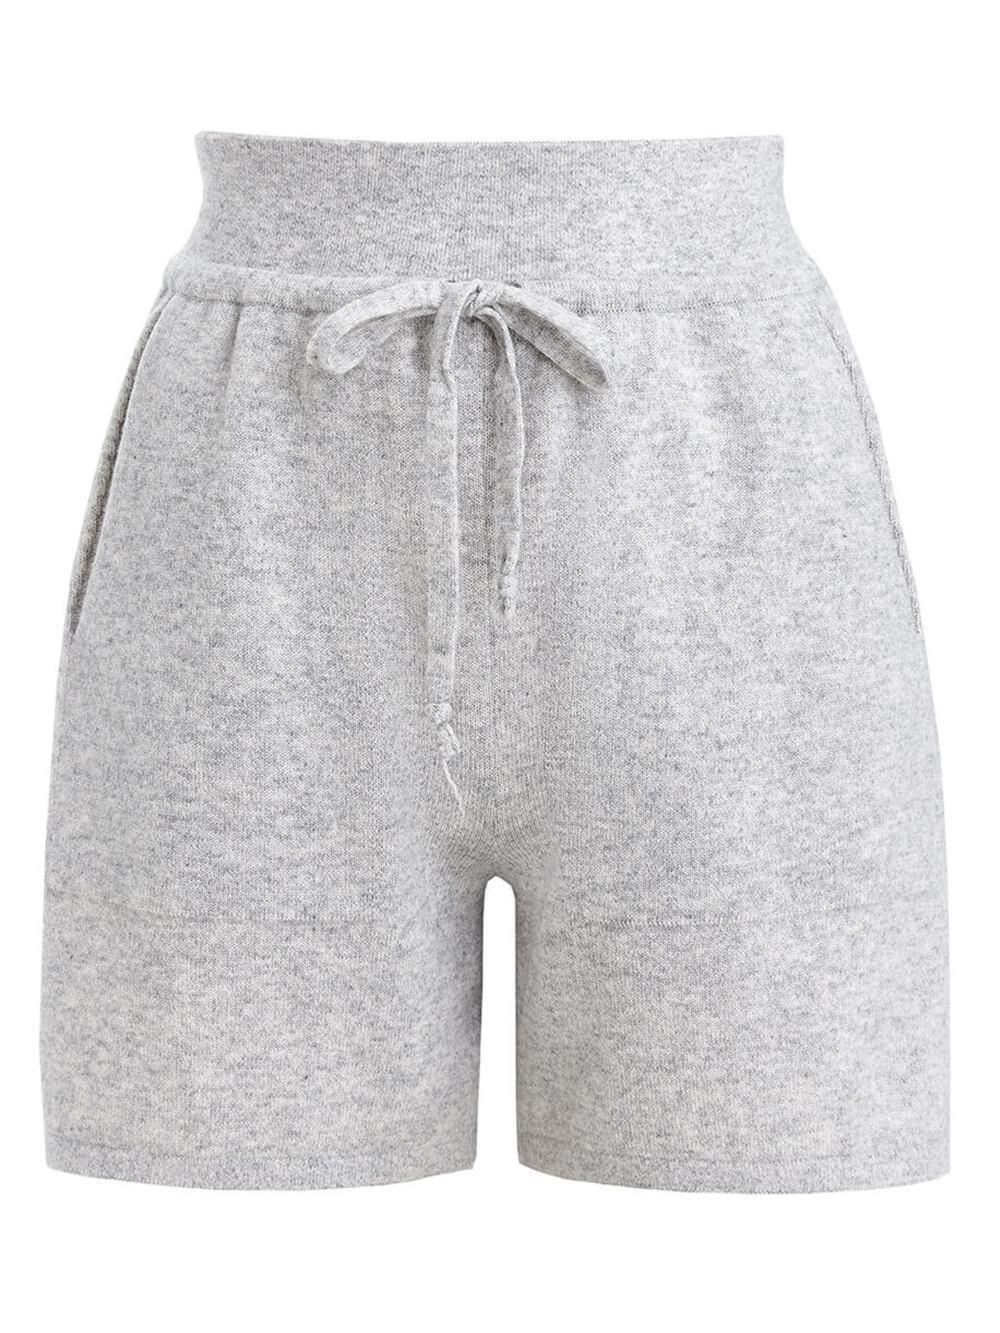 Женские шорты светло-серого цвета из шерсти и кашемира - фото 1